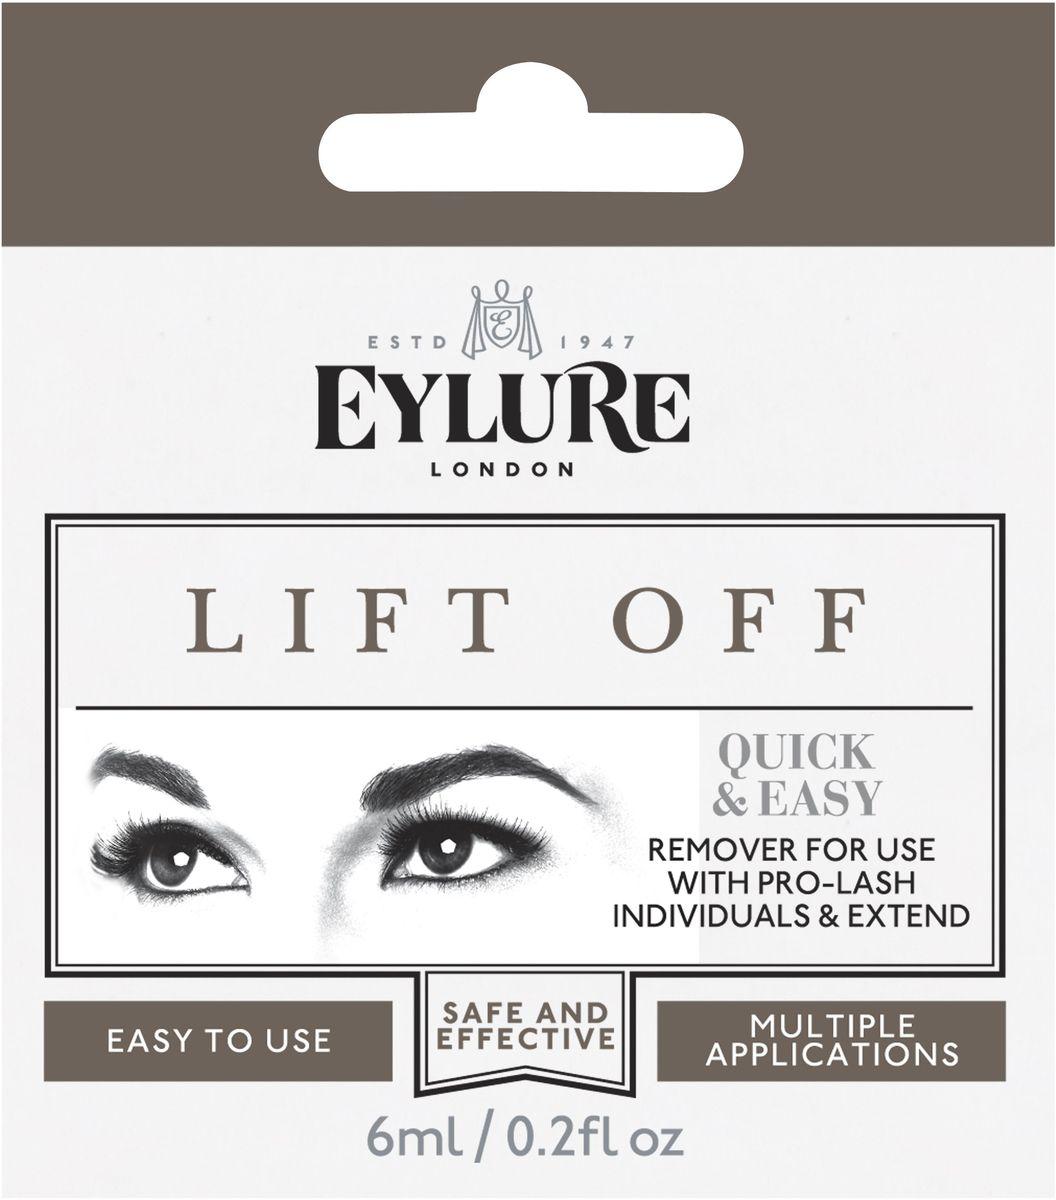 Eylure Жидкость для снятия нарощенных пучков и ресниц, 6 мл6003003Жидкость для снятия наращенных пучков и ресниц